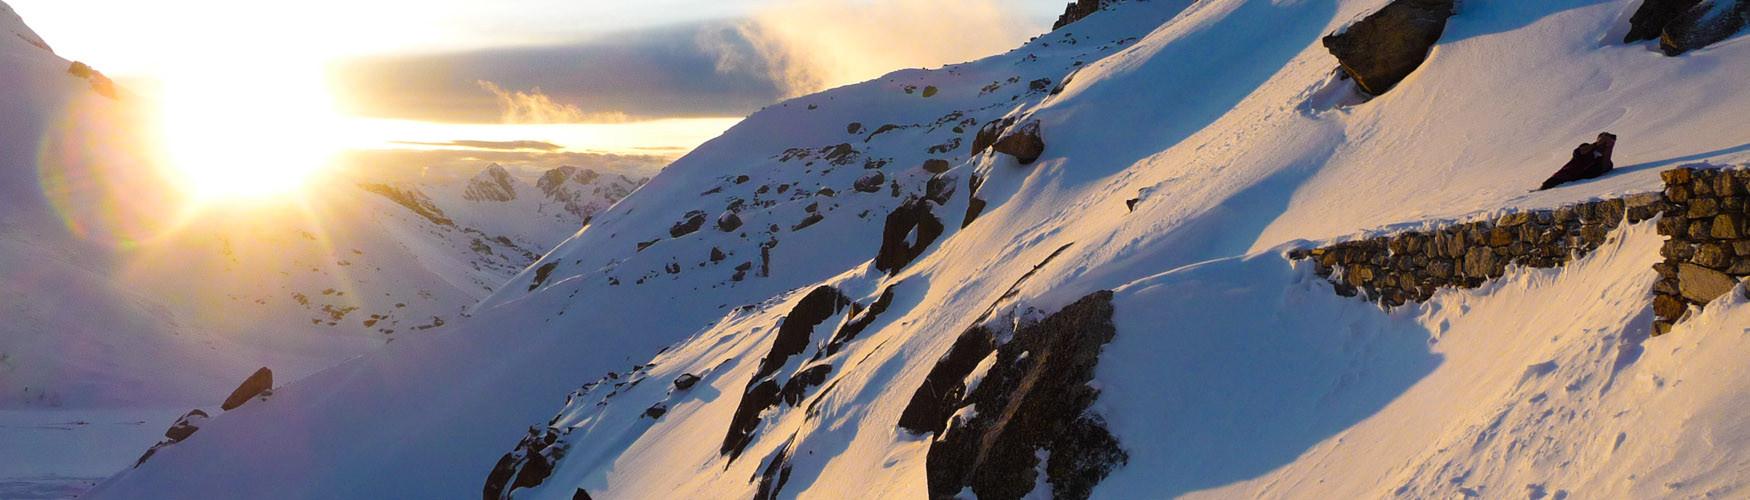 Bergführer Skiduruchquerung Haute Route